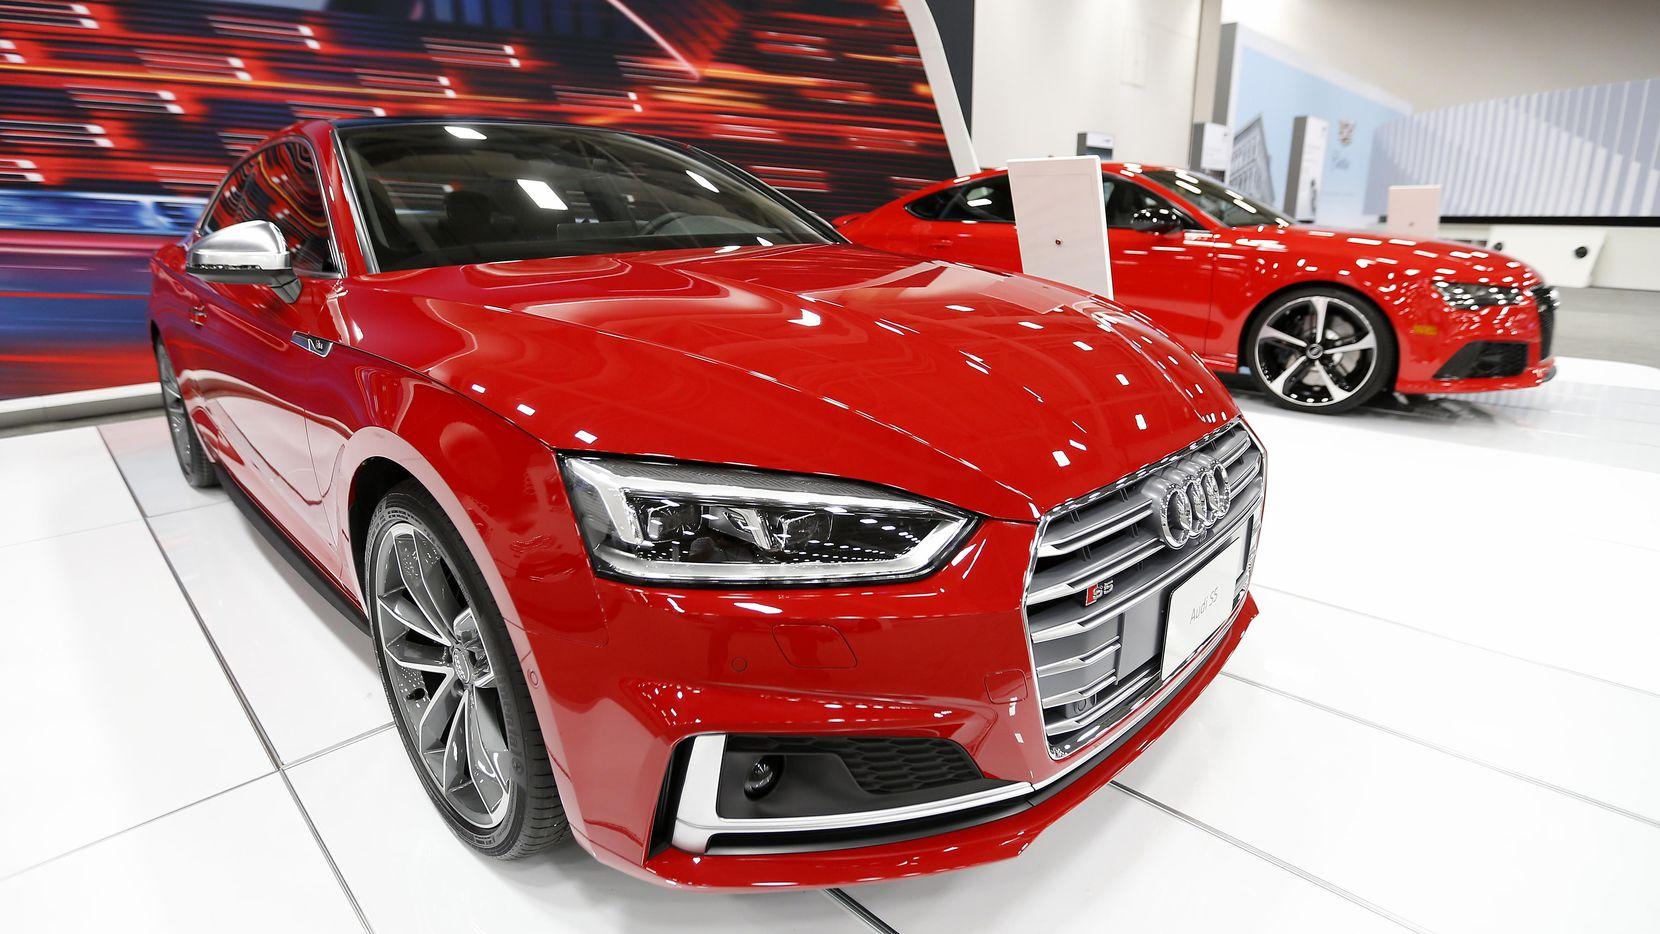 La expo DFW Auto Show muestra los últimos modelos de vehículos de todo tipo. ARCHIVO DMN